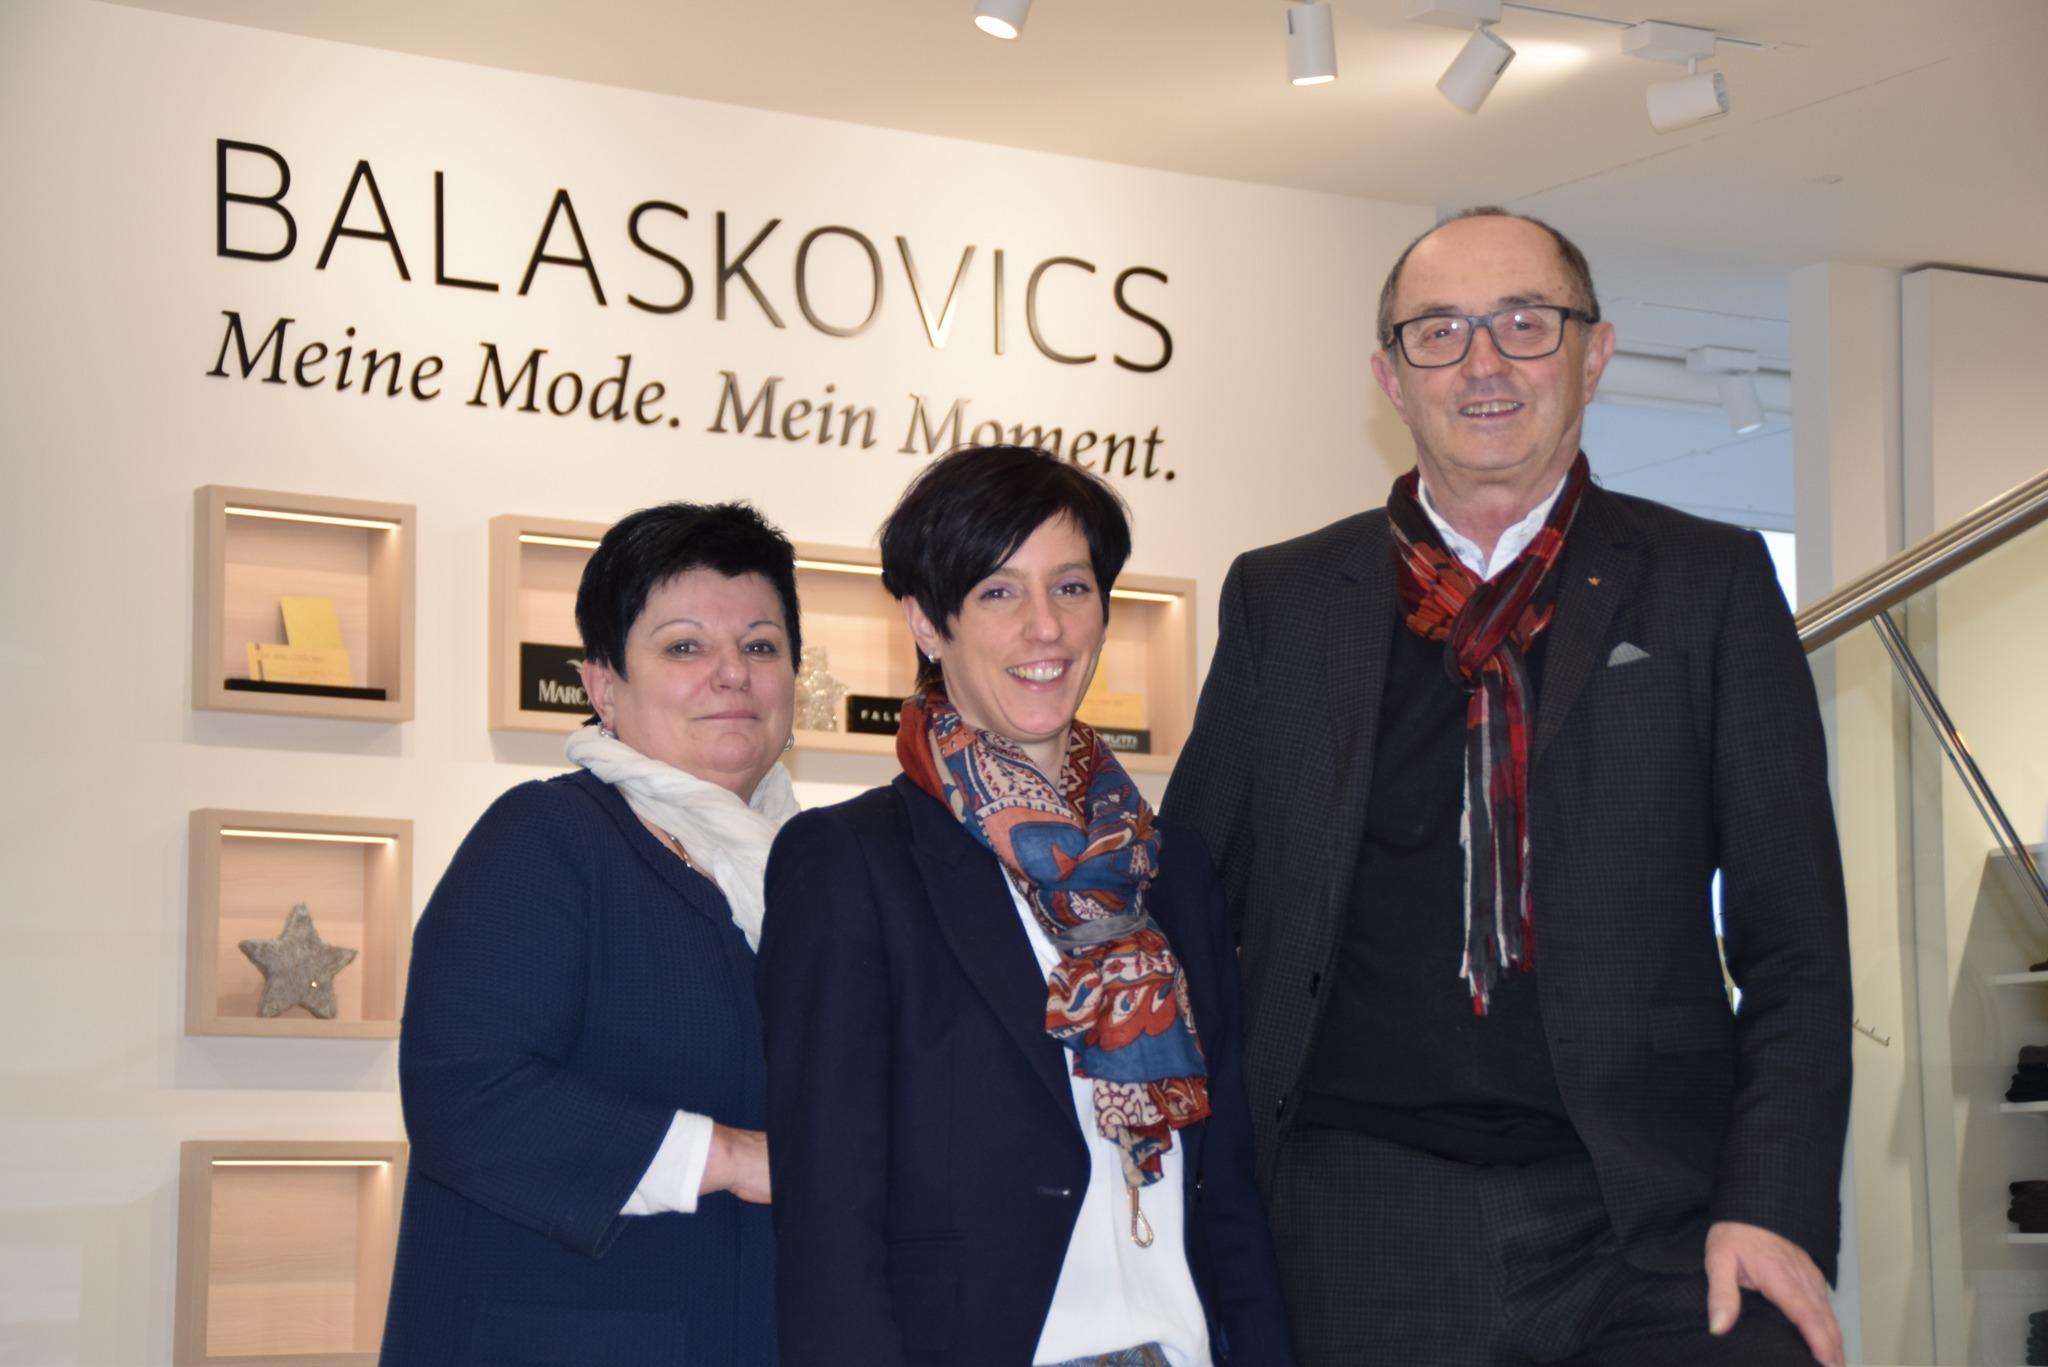 Unsere Familienbetriebe Beim Modehaus Balaskovics In Oberwart Halt